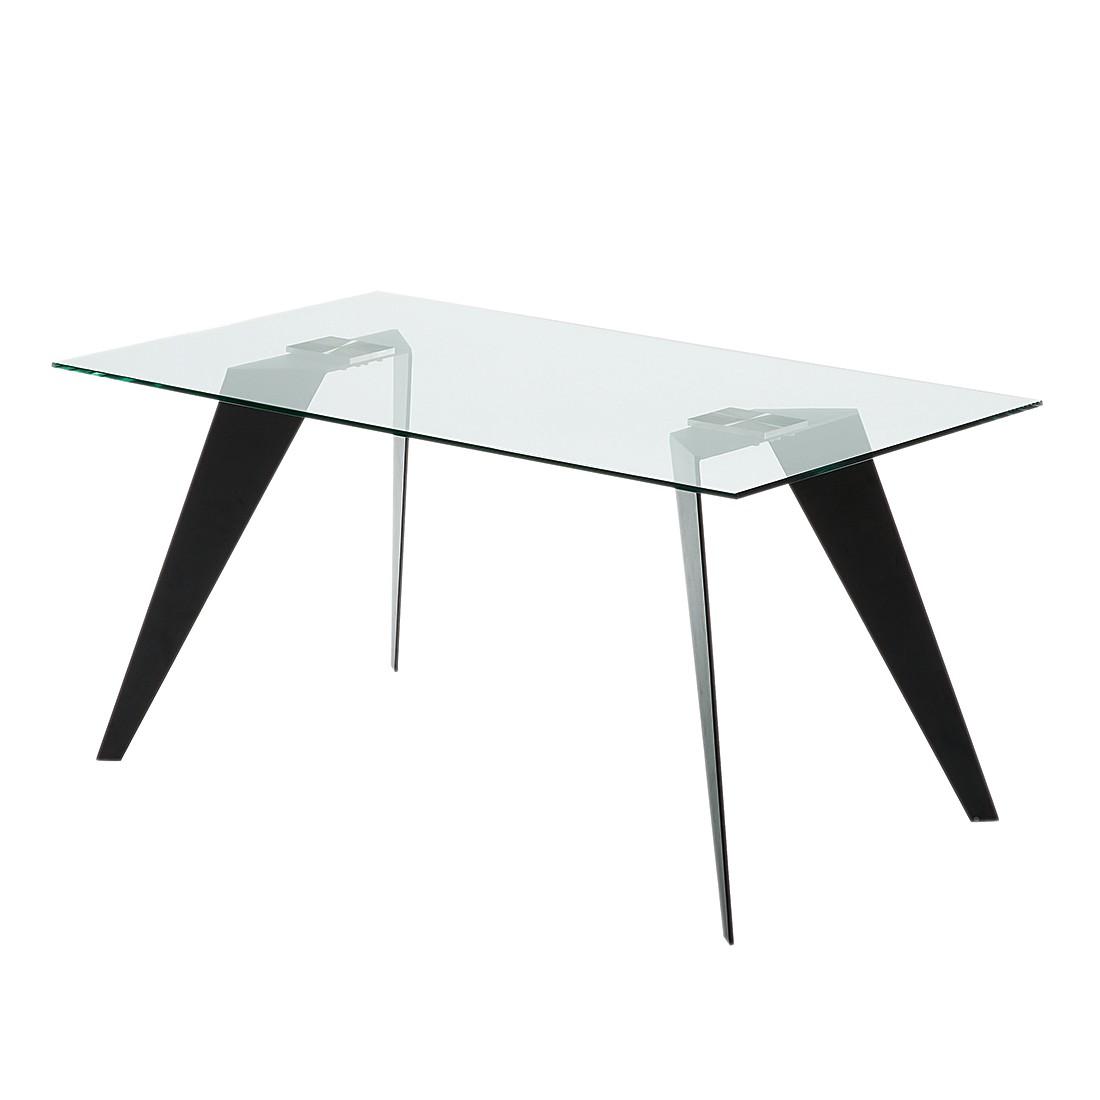 esstisch glas 160 cm preisvergleich die besten angebote online kaufen. Black Bedroom Furniture Sets. Home Design Ideas